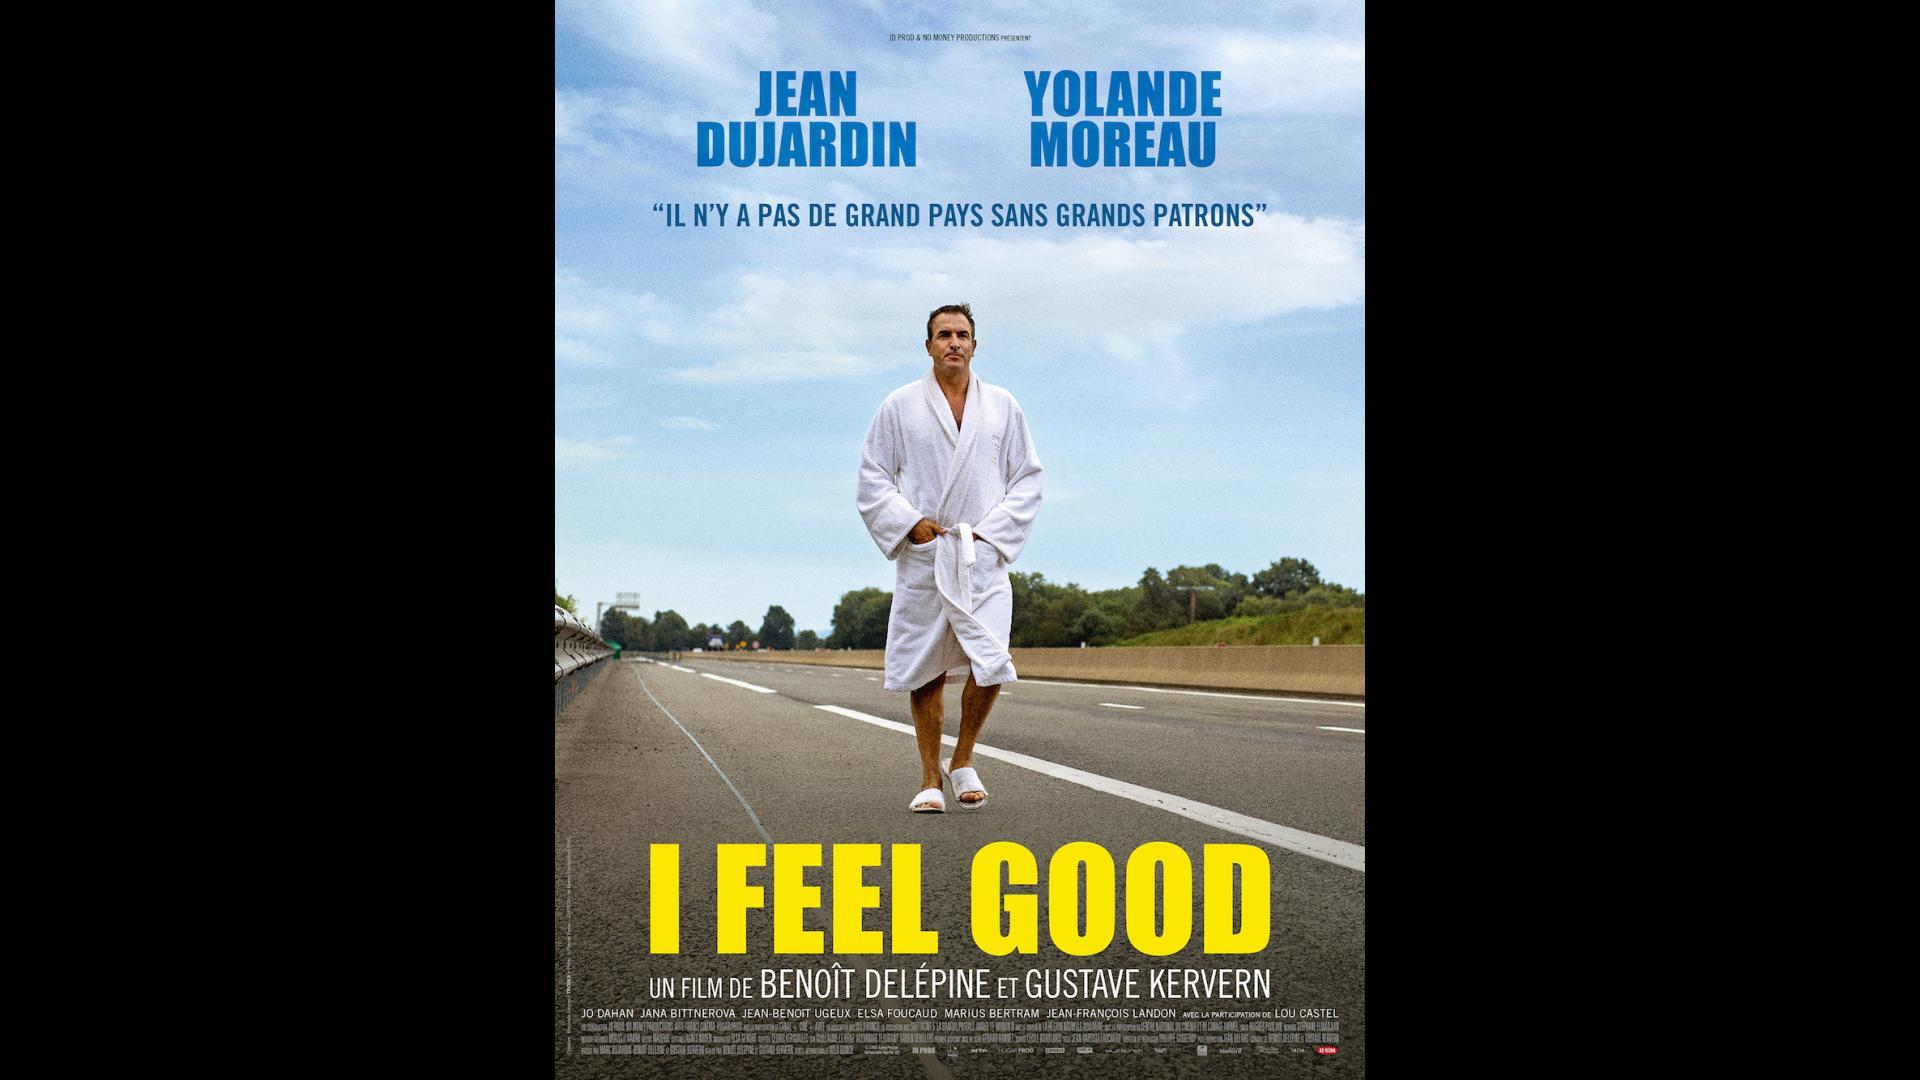 I feel good